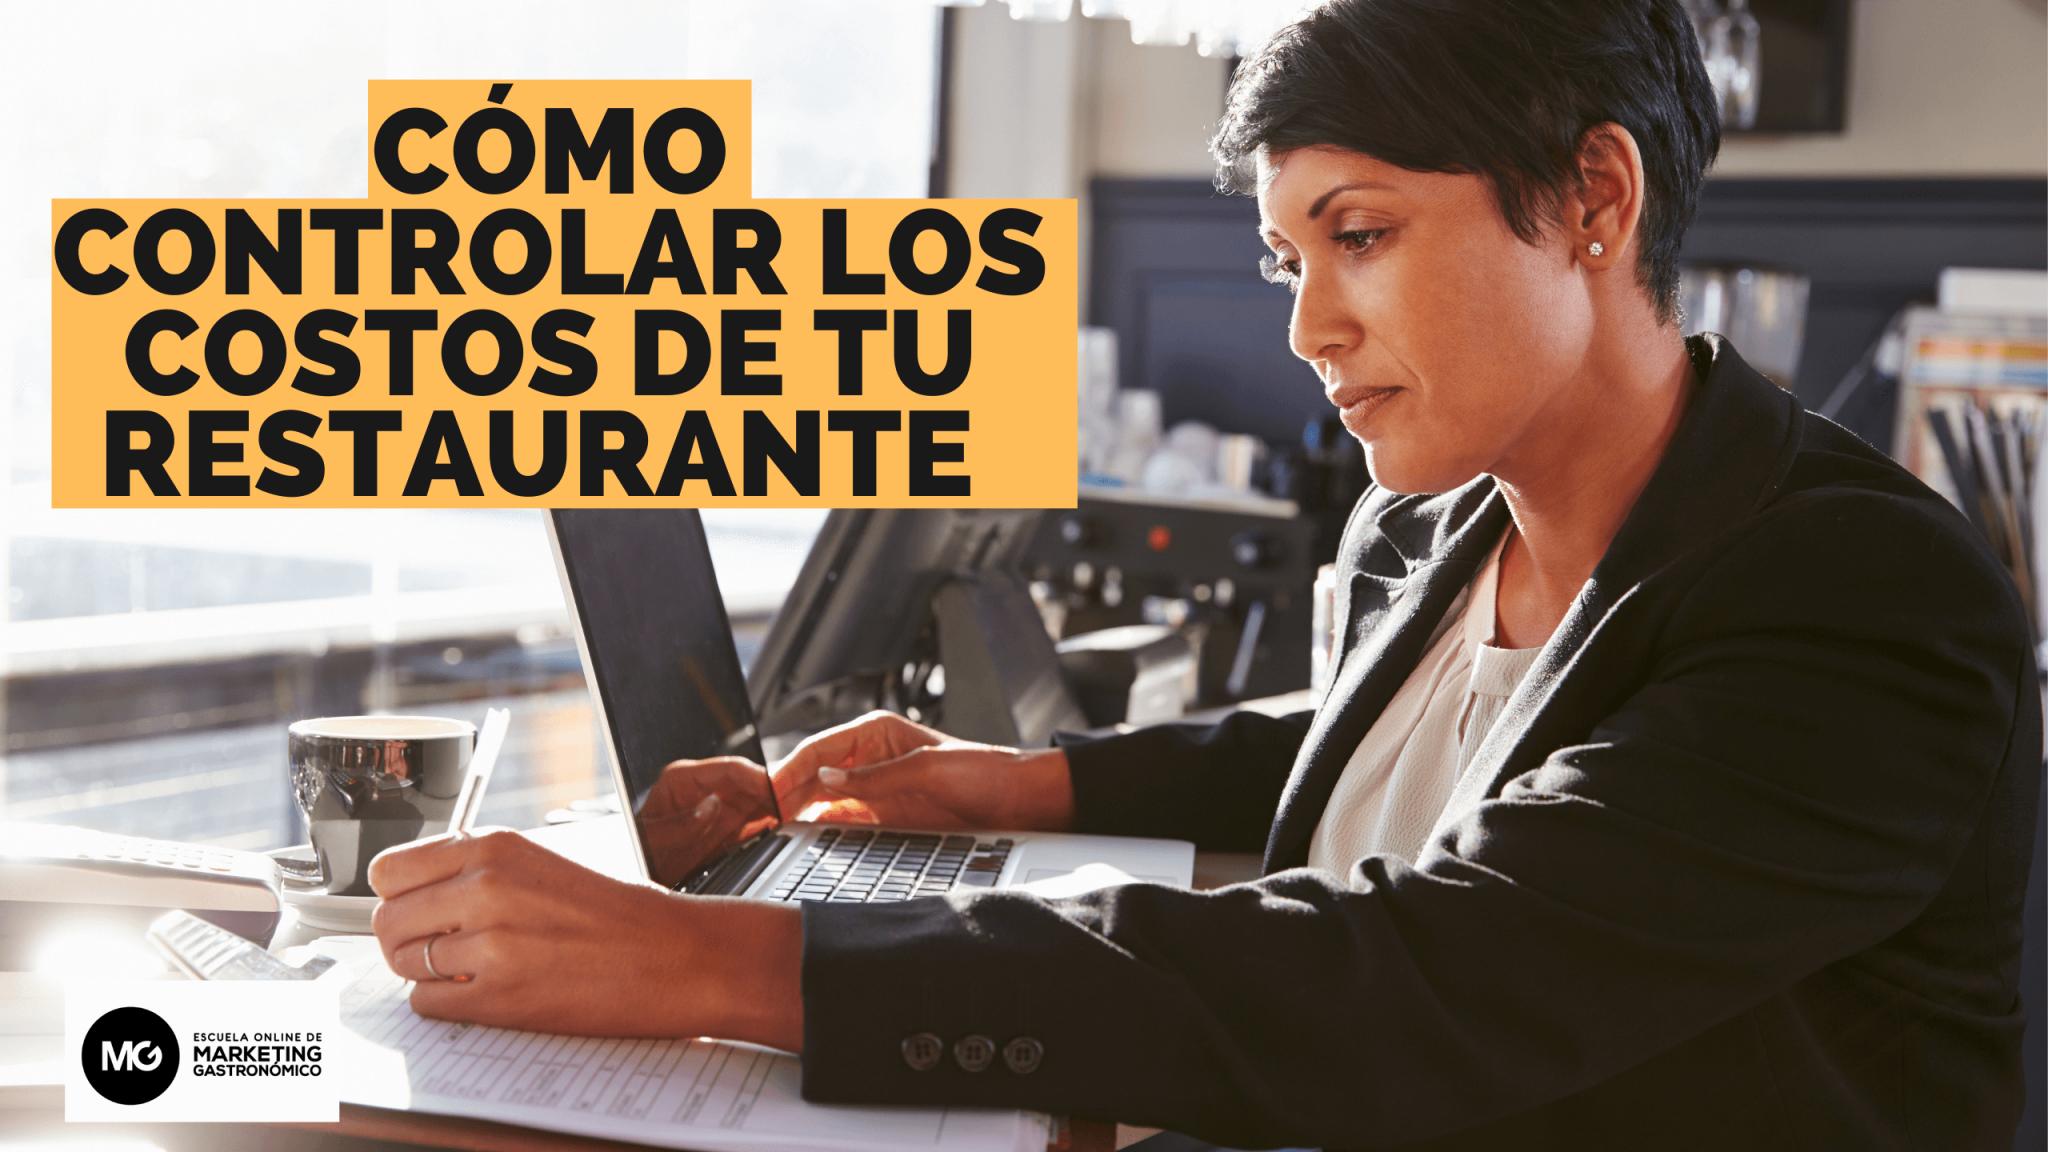 Cómo controlar los costos de tu restaurante